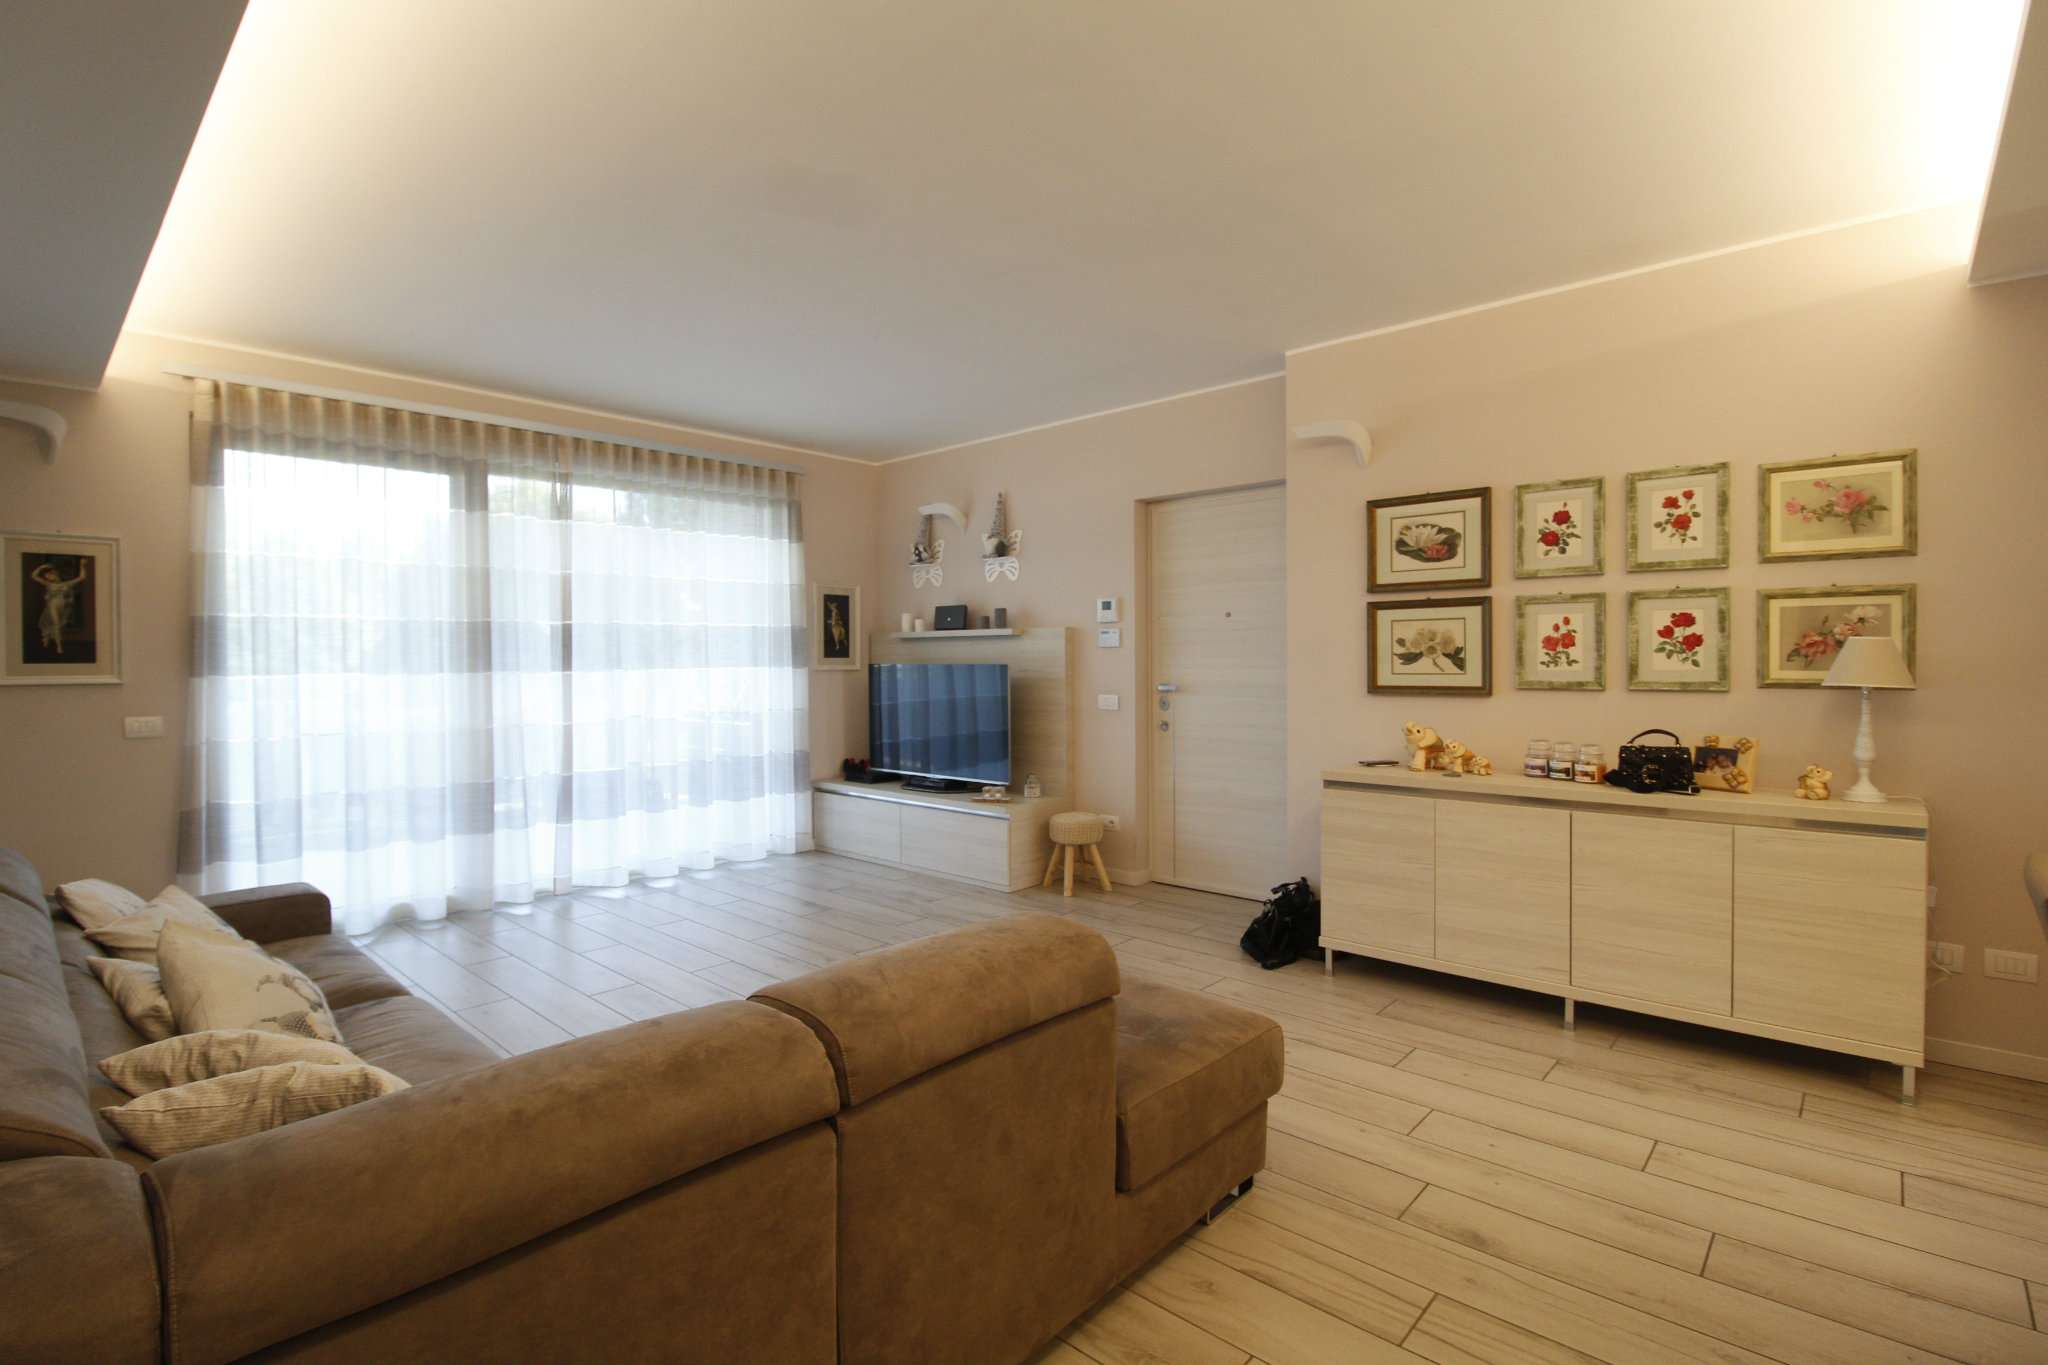 Appartamento in vendita a Cornate d'Adda, 4 locali, prezzo € 358.000 | CambioCasa.it